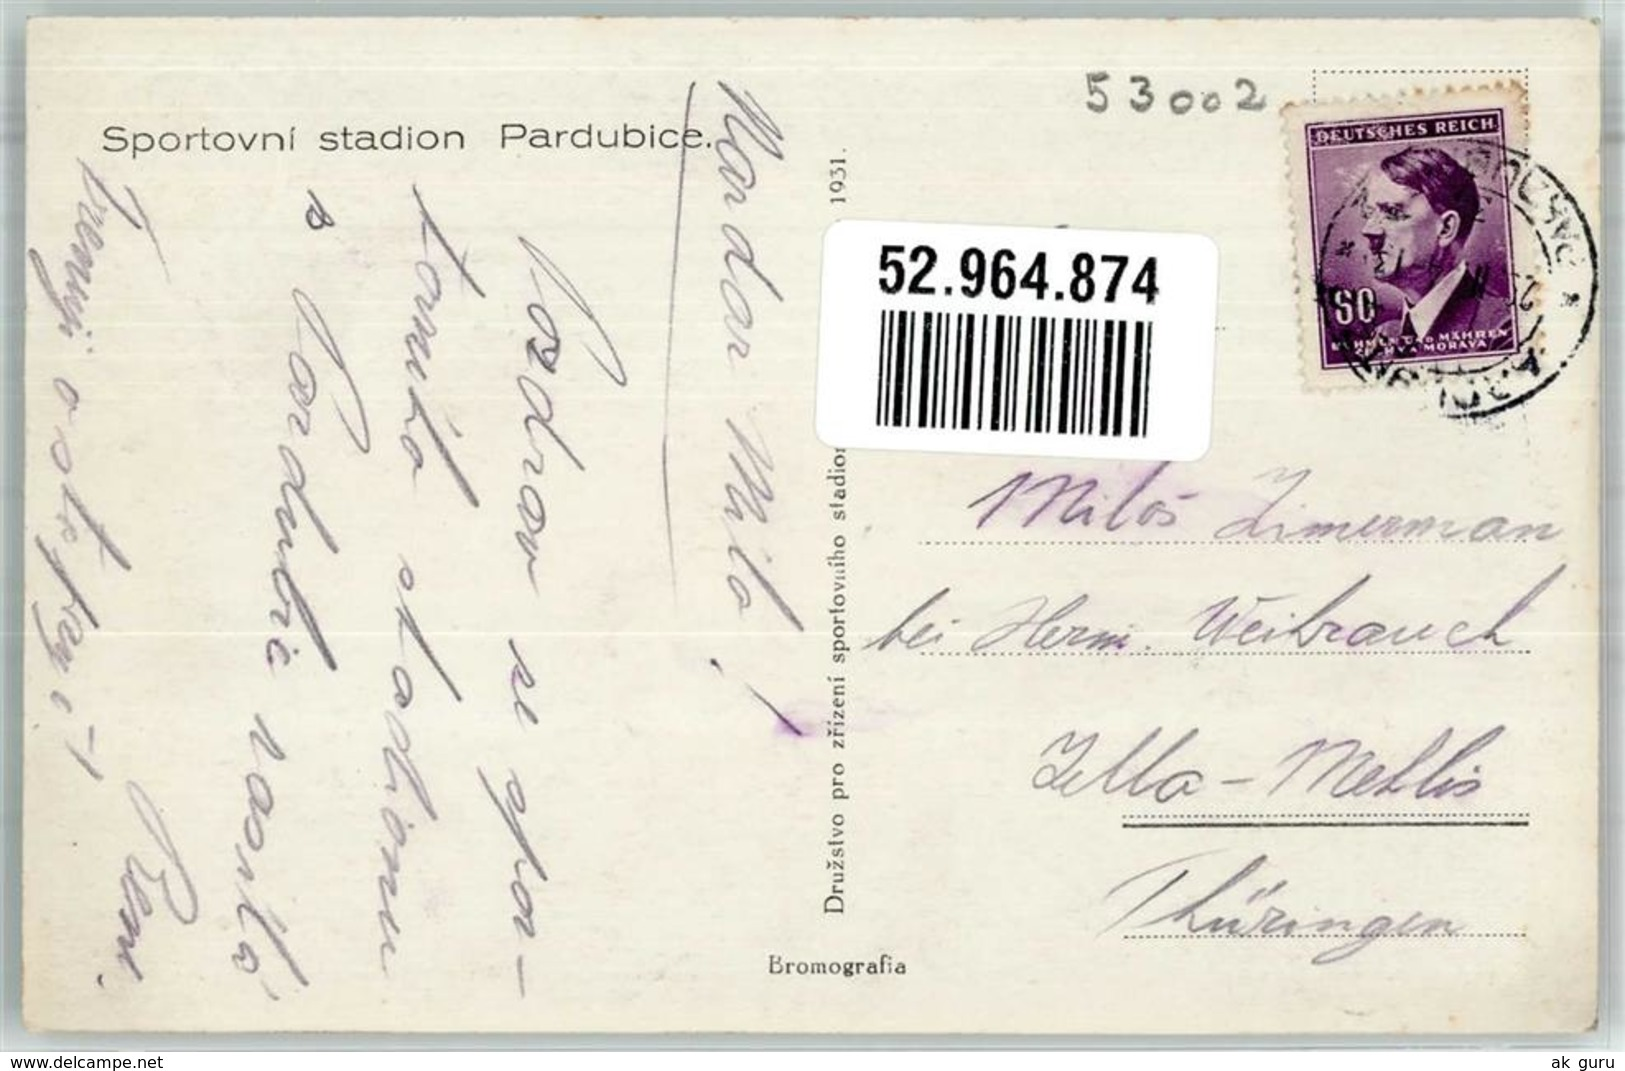 52964874 - Pardubice - Czech Republic